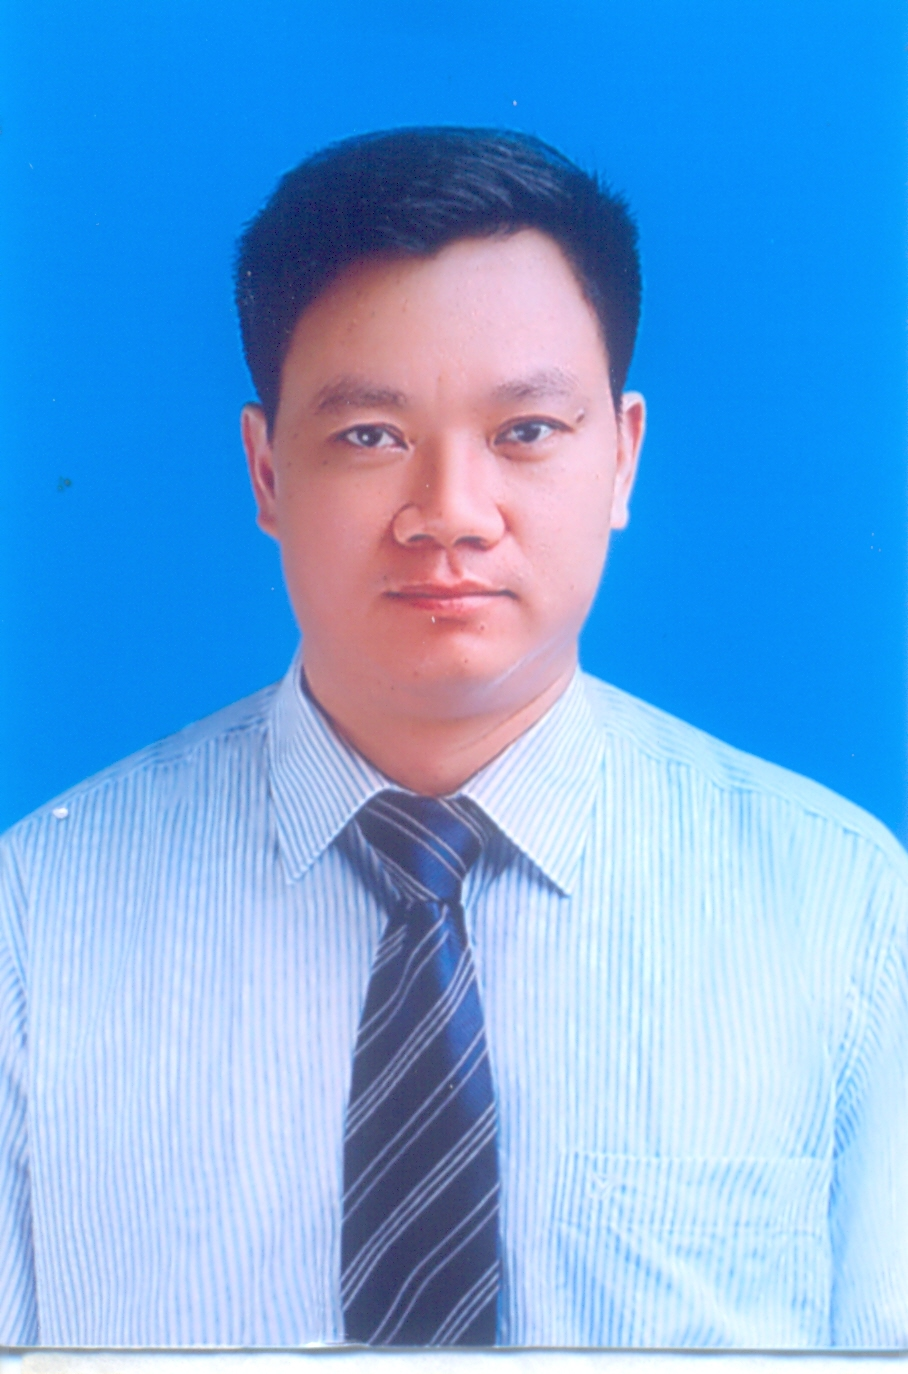 Thái Bình phản hồi về thông tin Phó Chủ tịch UBND tỉnhthăng chức không đủ tiêu chuẩn - 1